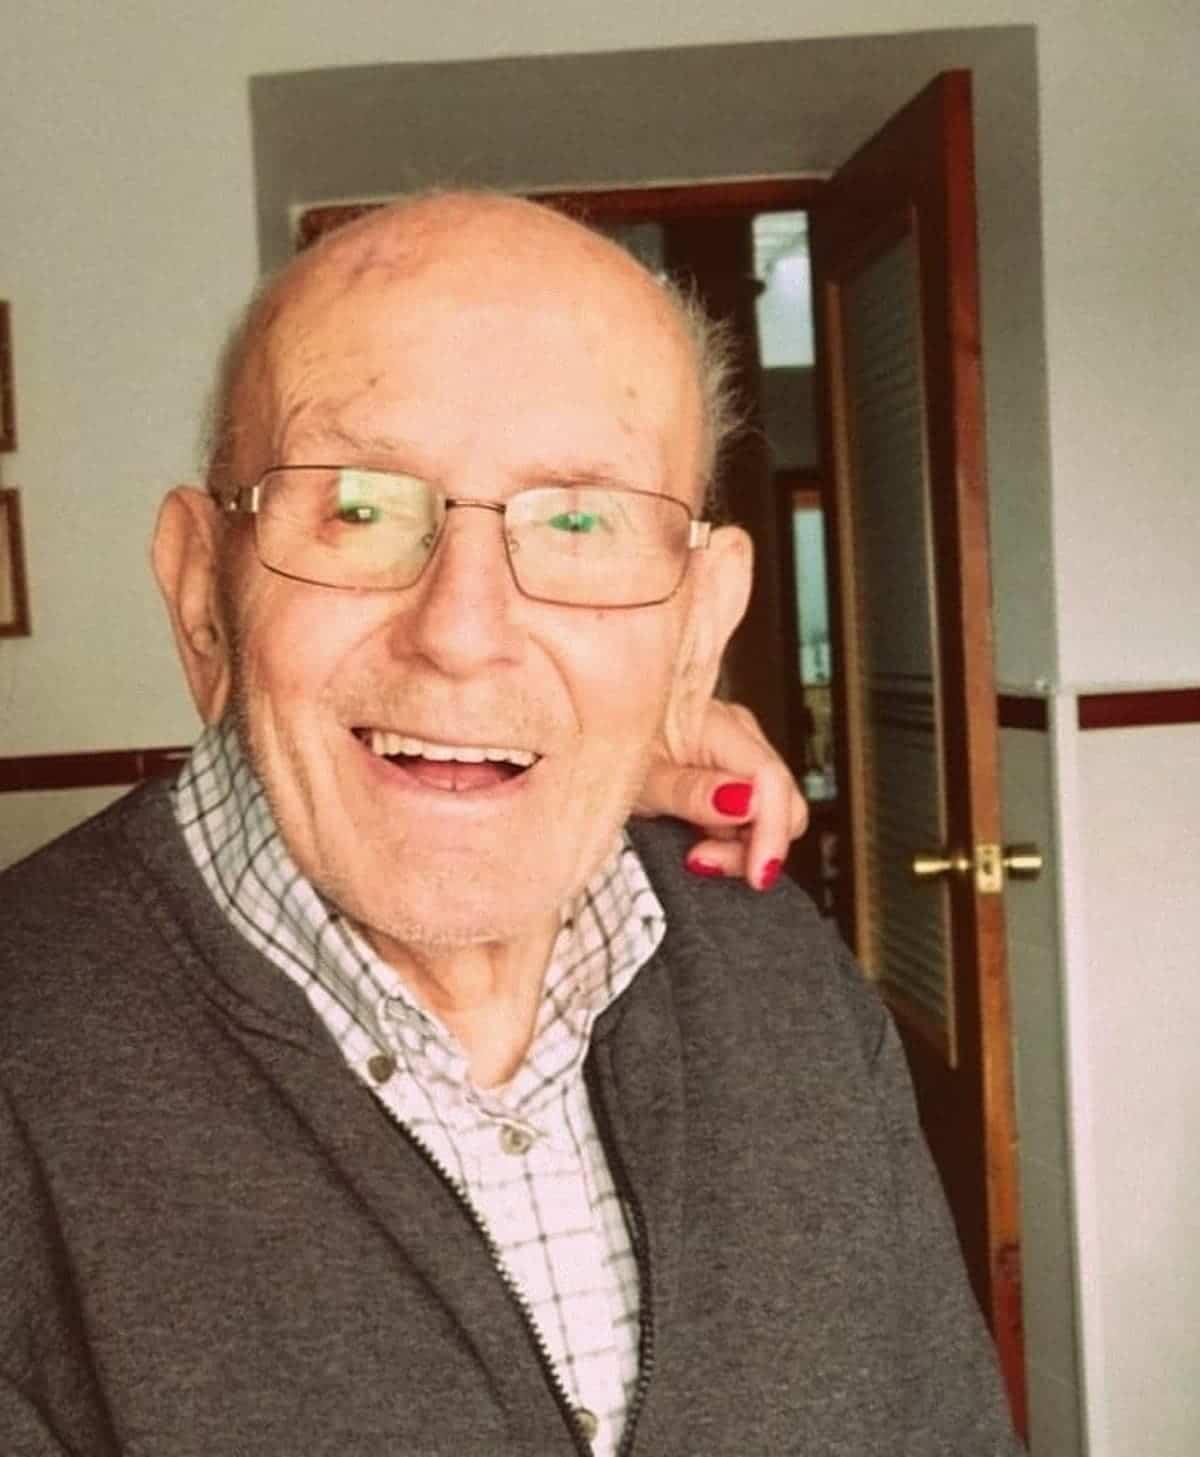 Jose Maria Fernandez de la Puebla - Herencia CF recuerda a José María Fernández de la Puebla que nos dejó hace unos días